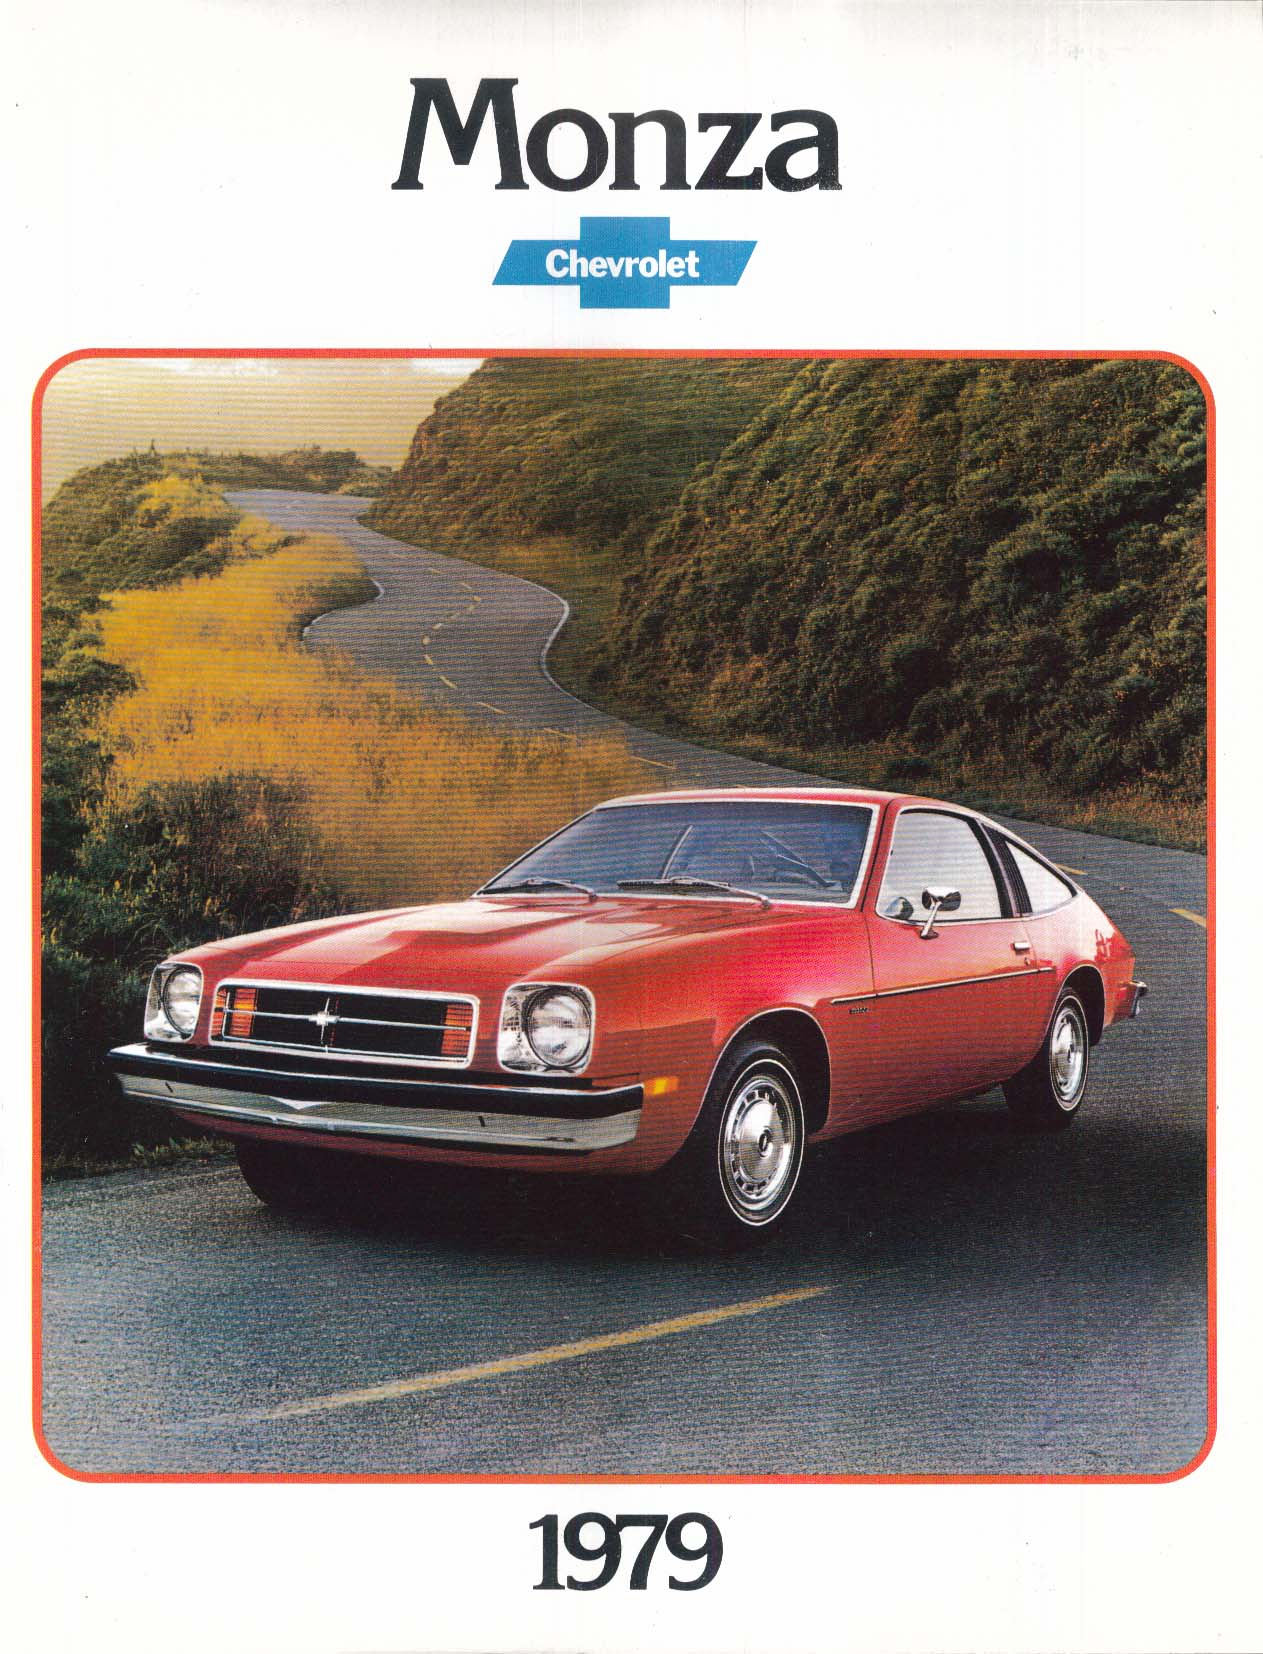 1979 Chevrolet Monza + Spyder sales brochure